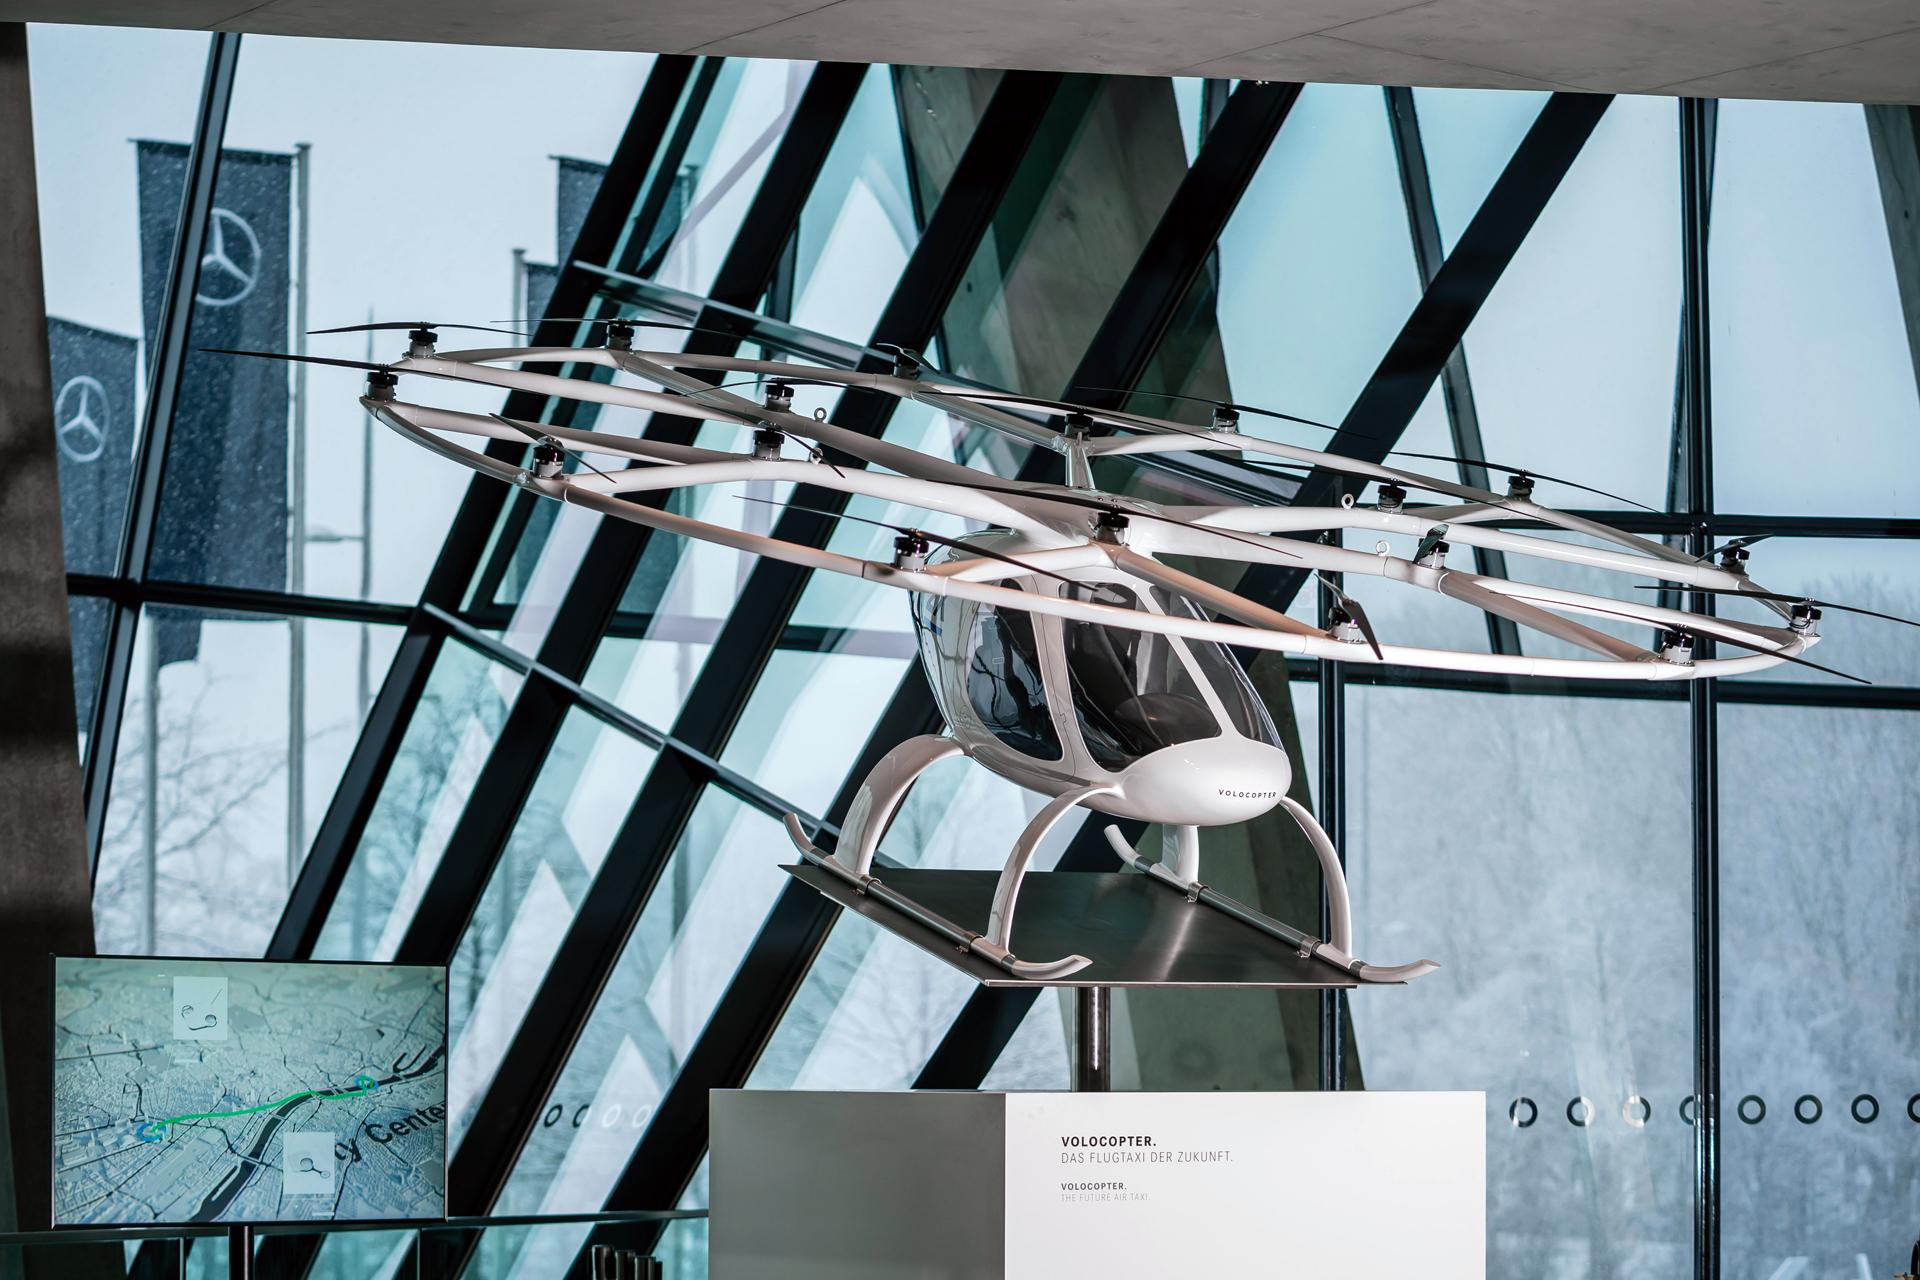 """Mercedes-Benz Museum, Sonderausstellung """"Zukunft Mobilität"""" vom 1. Juni 2021 bis Ende März 2022. Vollelektrisches Flugtaxi VoloCity mit 18 Rotoren von Volocopter. Schon in den nächsten Jahren soll es kommerzielle Passagierflüge ohne lokale Emissionen und Lärm geben. Im September 2019 ist ein Volocopter vom Mercedes-Benz Museum aus zum ersten Flug in einem europäischen Stadtgebiet gestartet."""